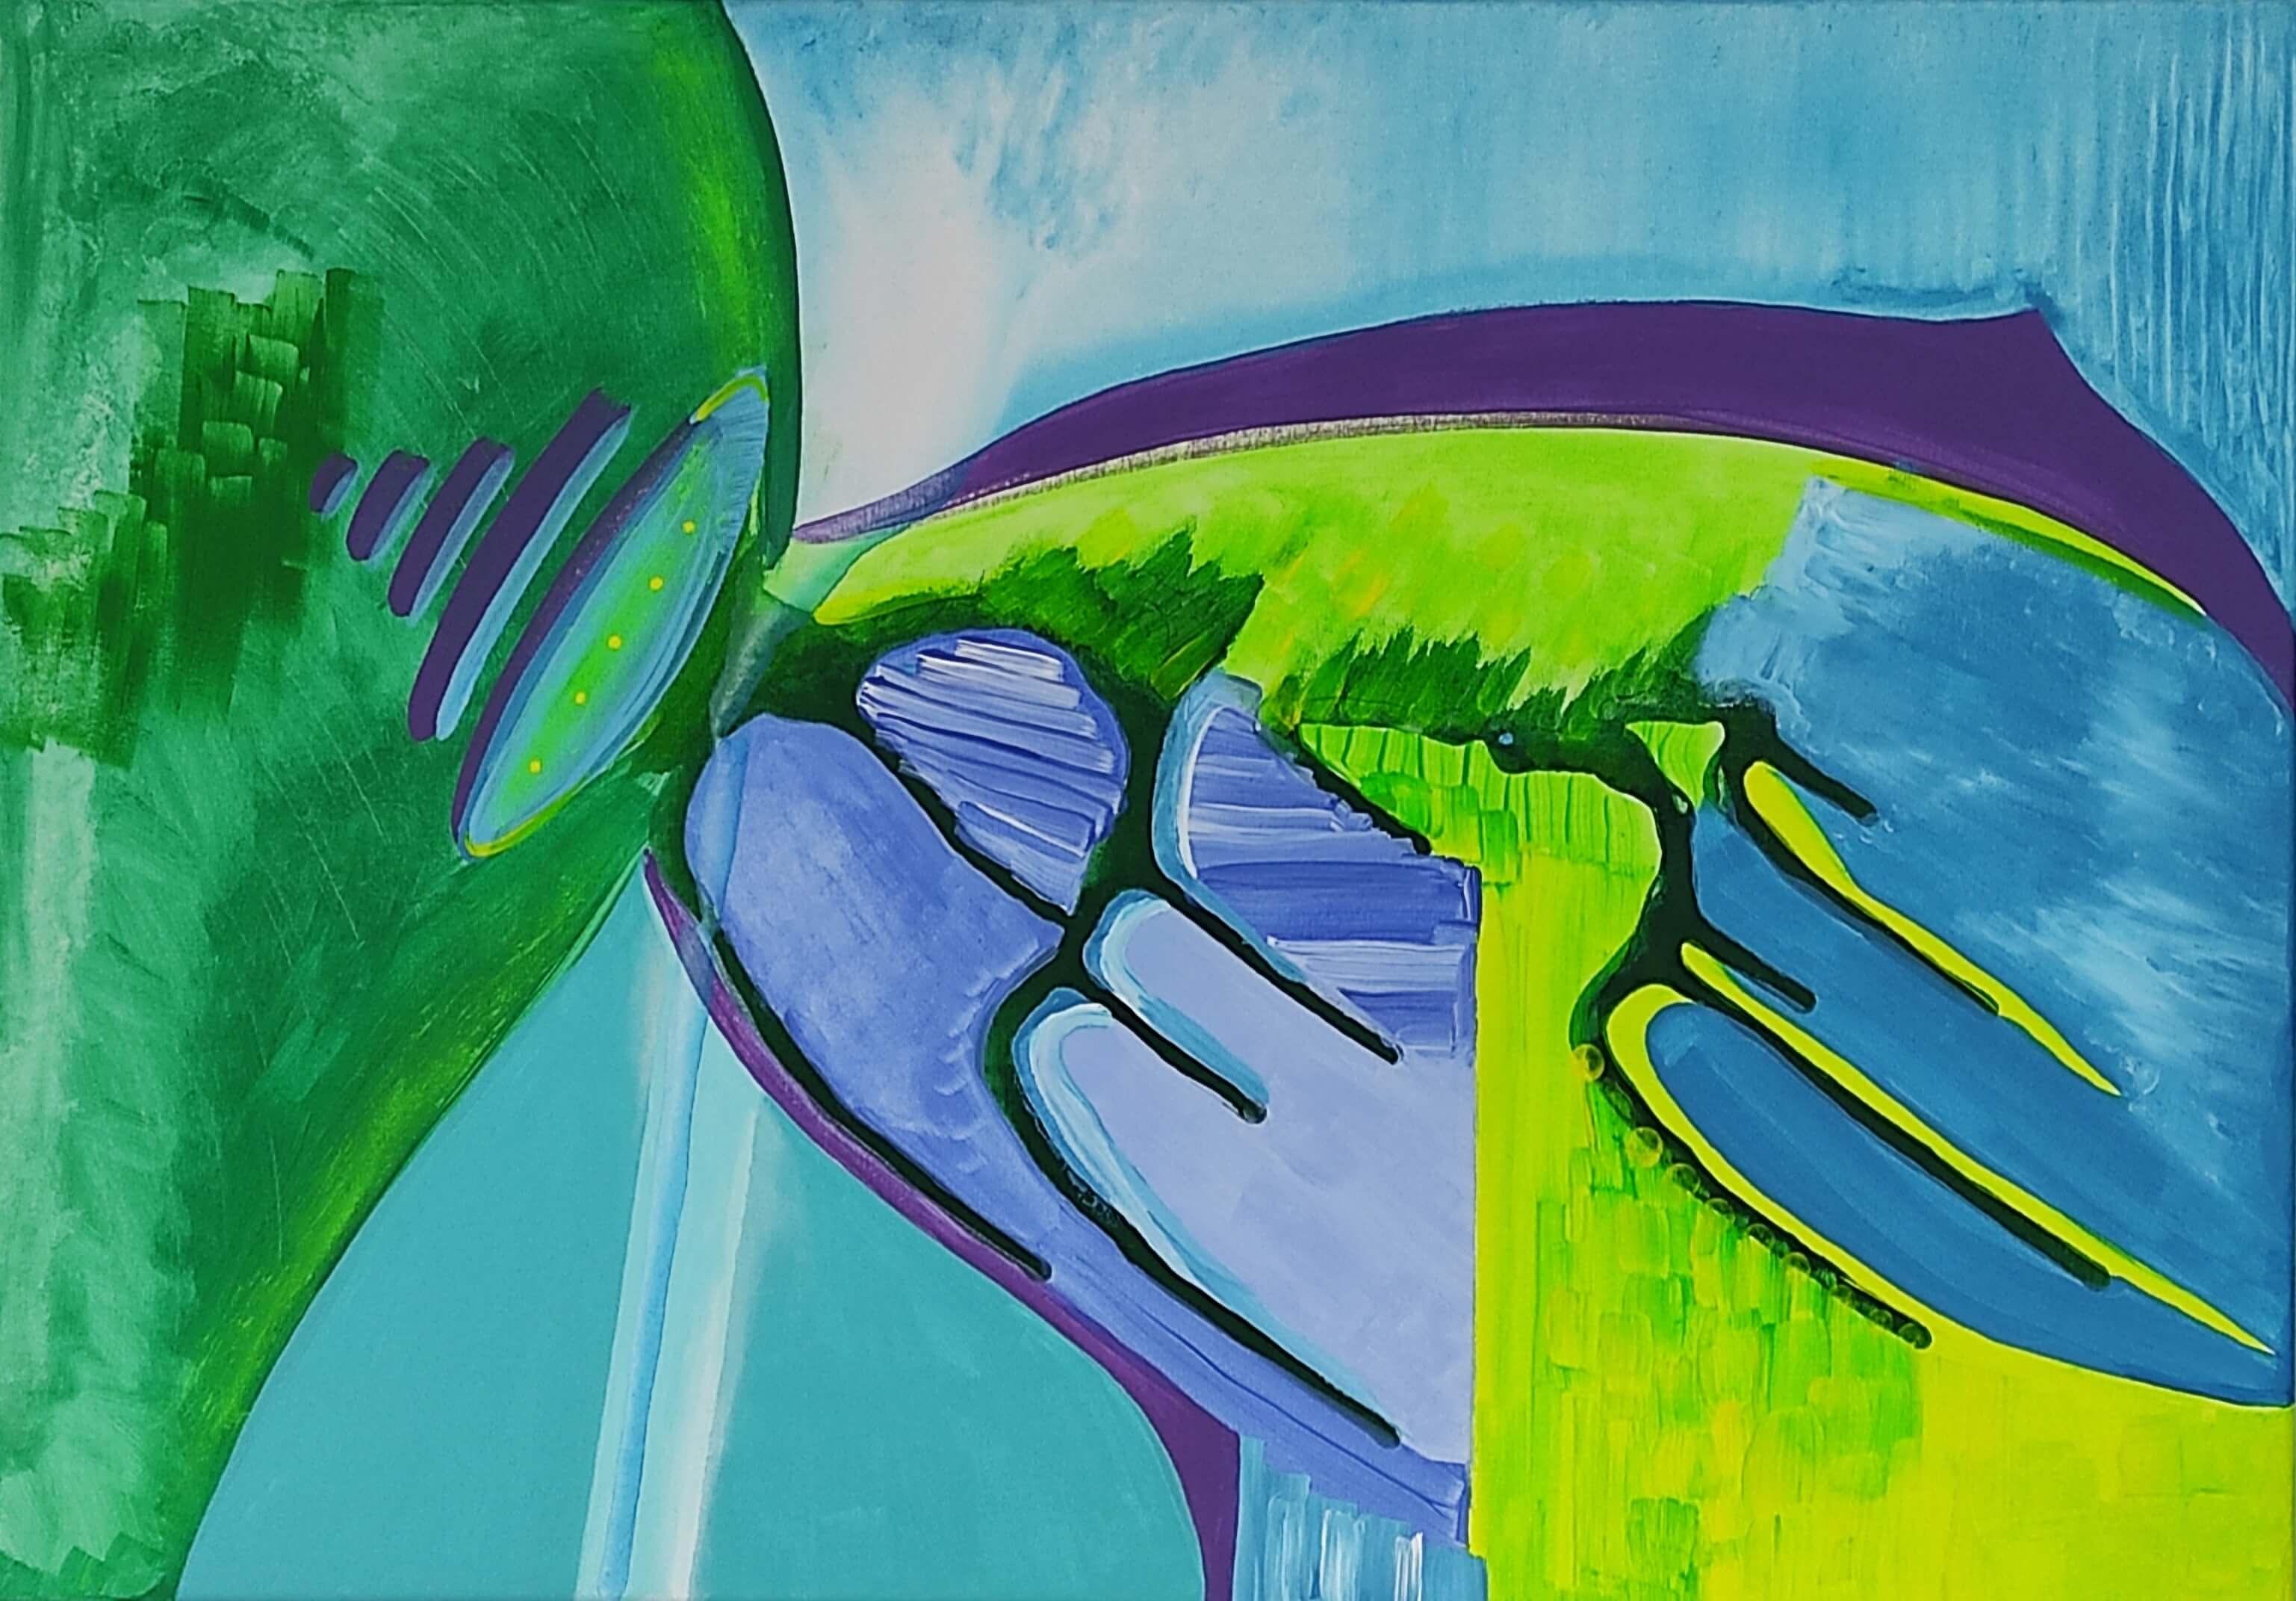 obraz akrylowy, art, malarstwo abstrakcyjne, sztuka współczesna, abstrakcja, wyobraźnia, kosmos, morska głębina, ocean, zielony, warszawa śródmieście, polski artysta,obraz na sprzedaż, malarka, sztuka do wnętrz, aranzacja, mój dom, warszawa, oryginalny prezent, ręcznie malowane, oryginalny prezent